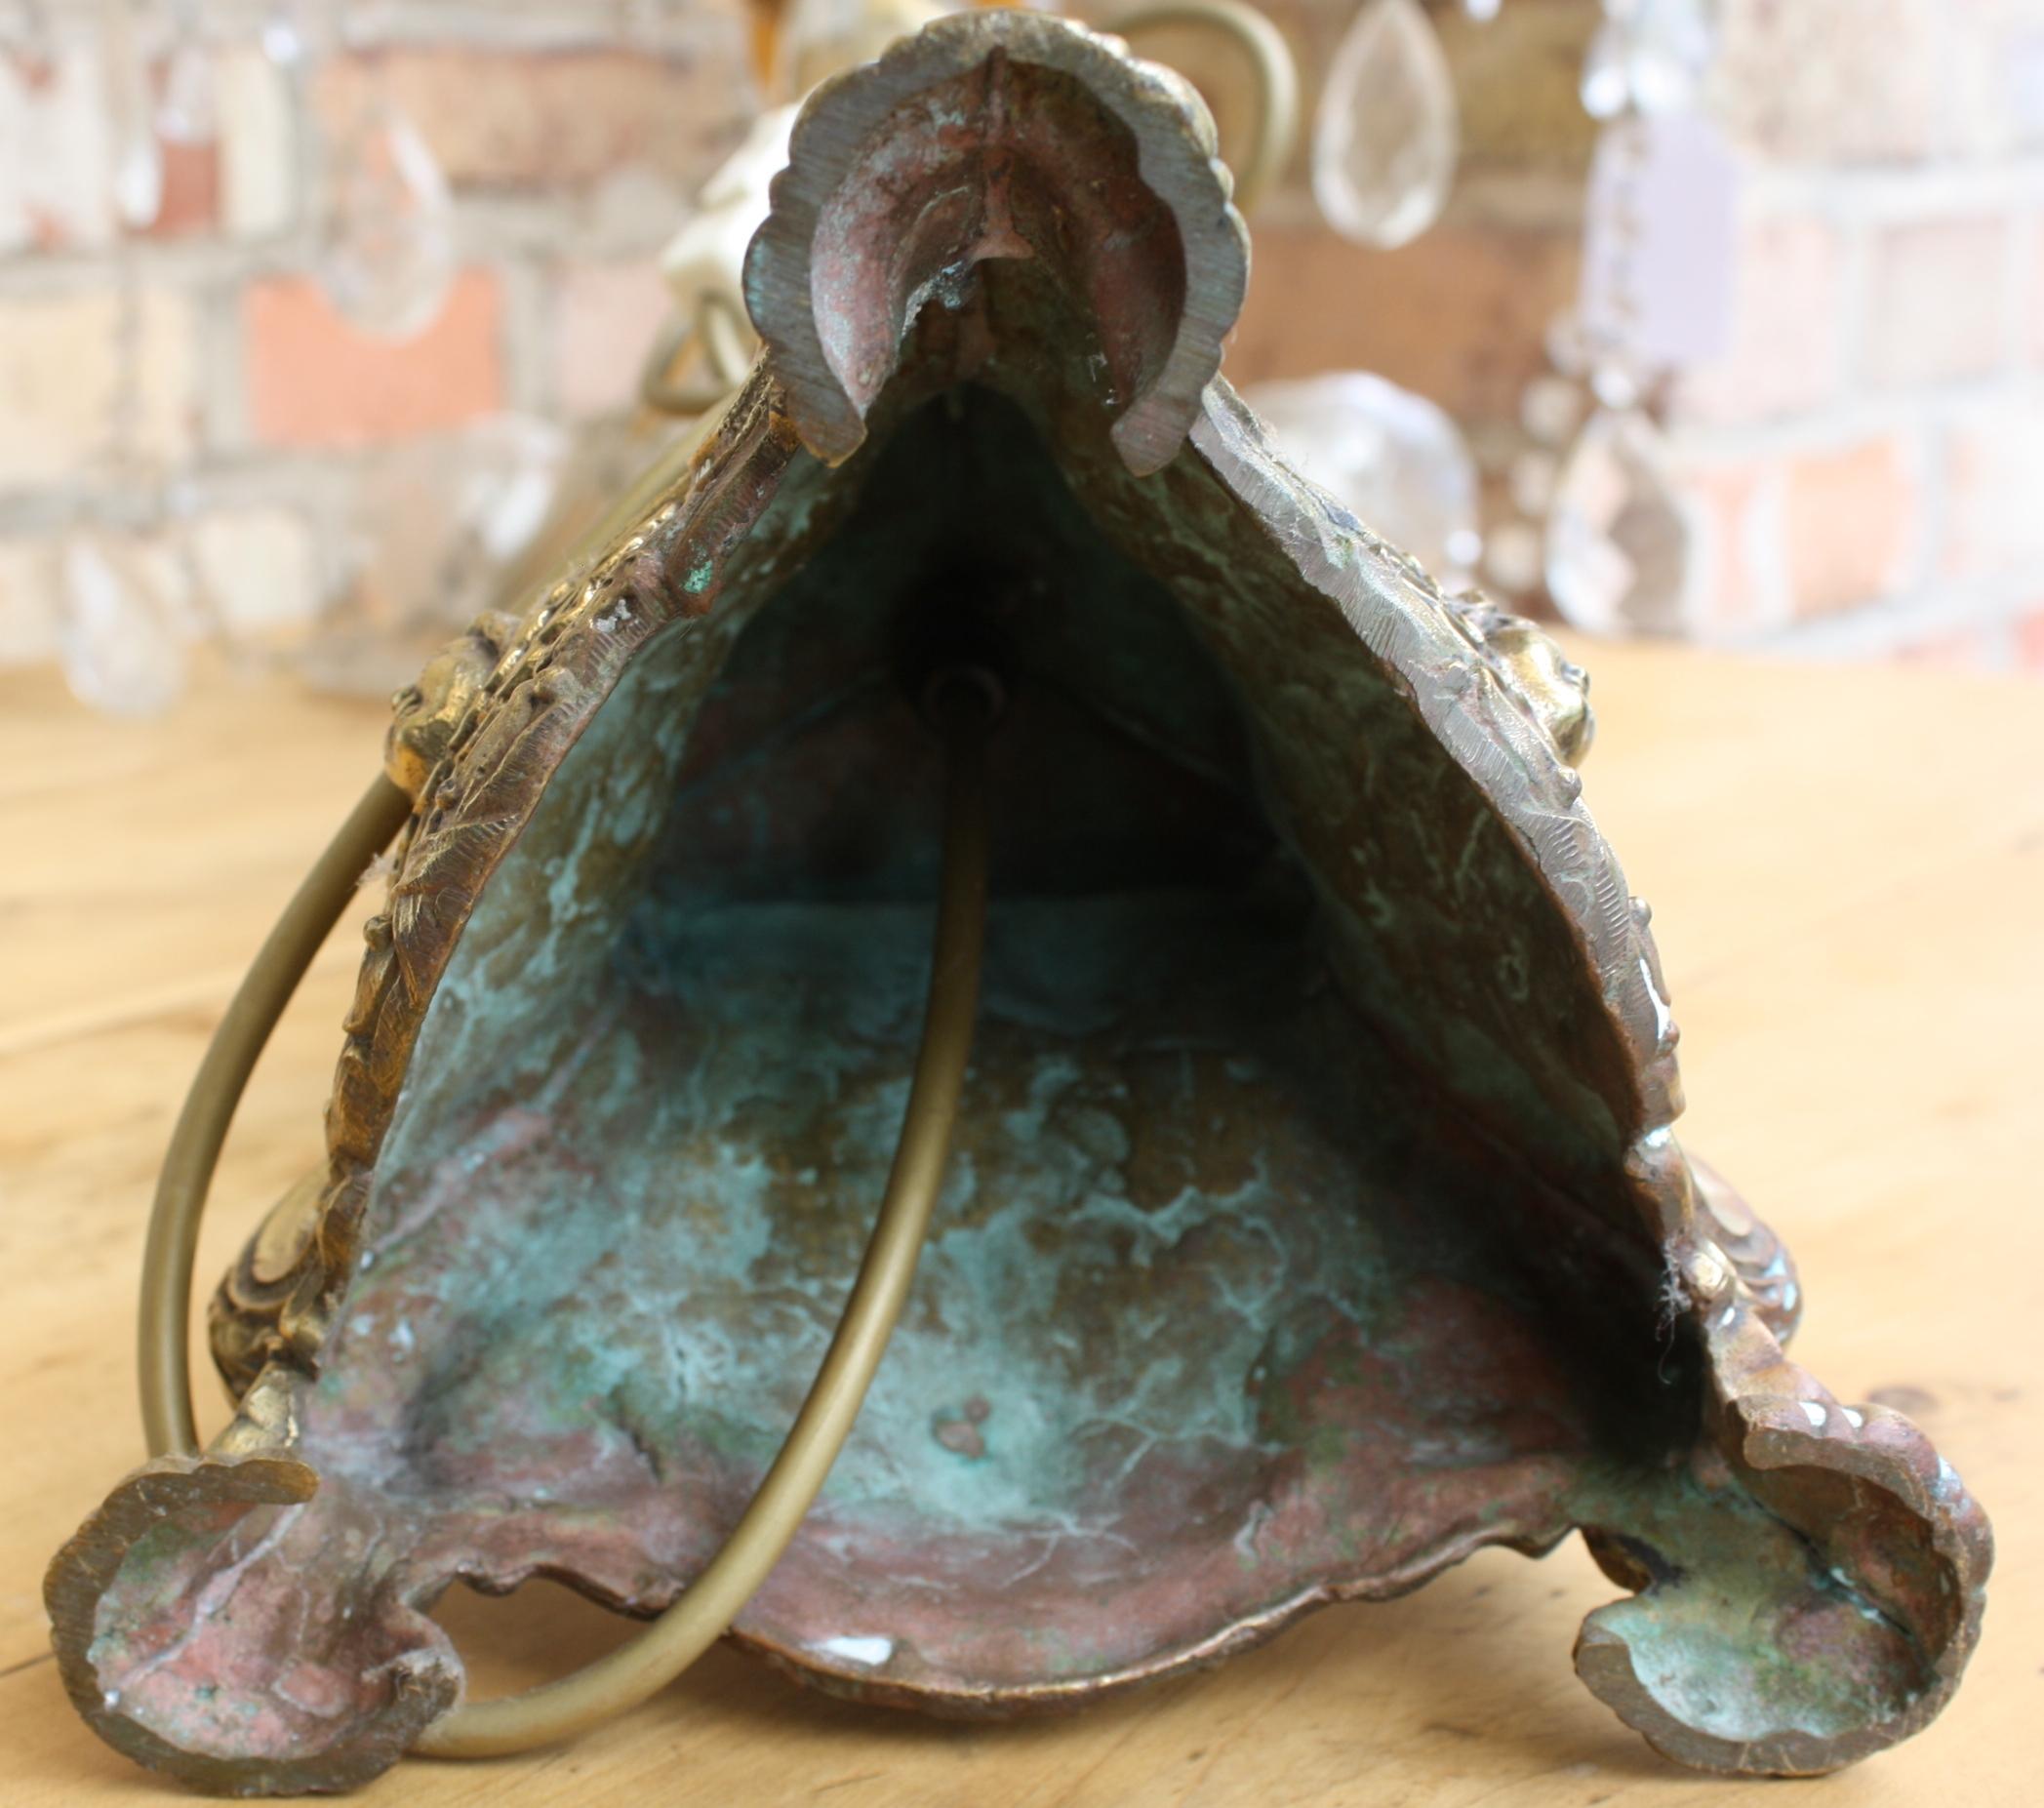 Altarleuchter bzw. Kristall Lampe, 19. Jahrhundert-7